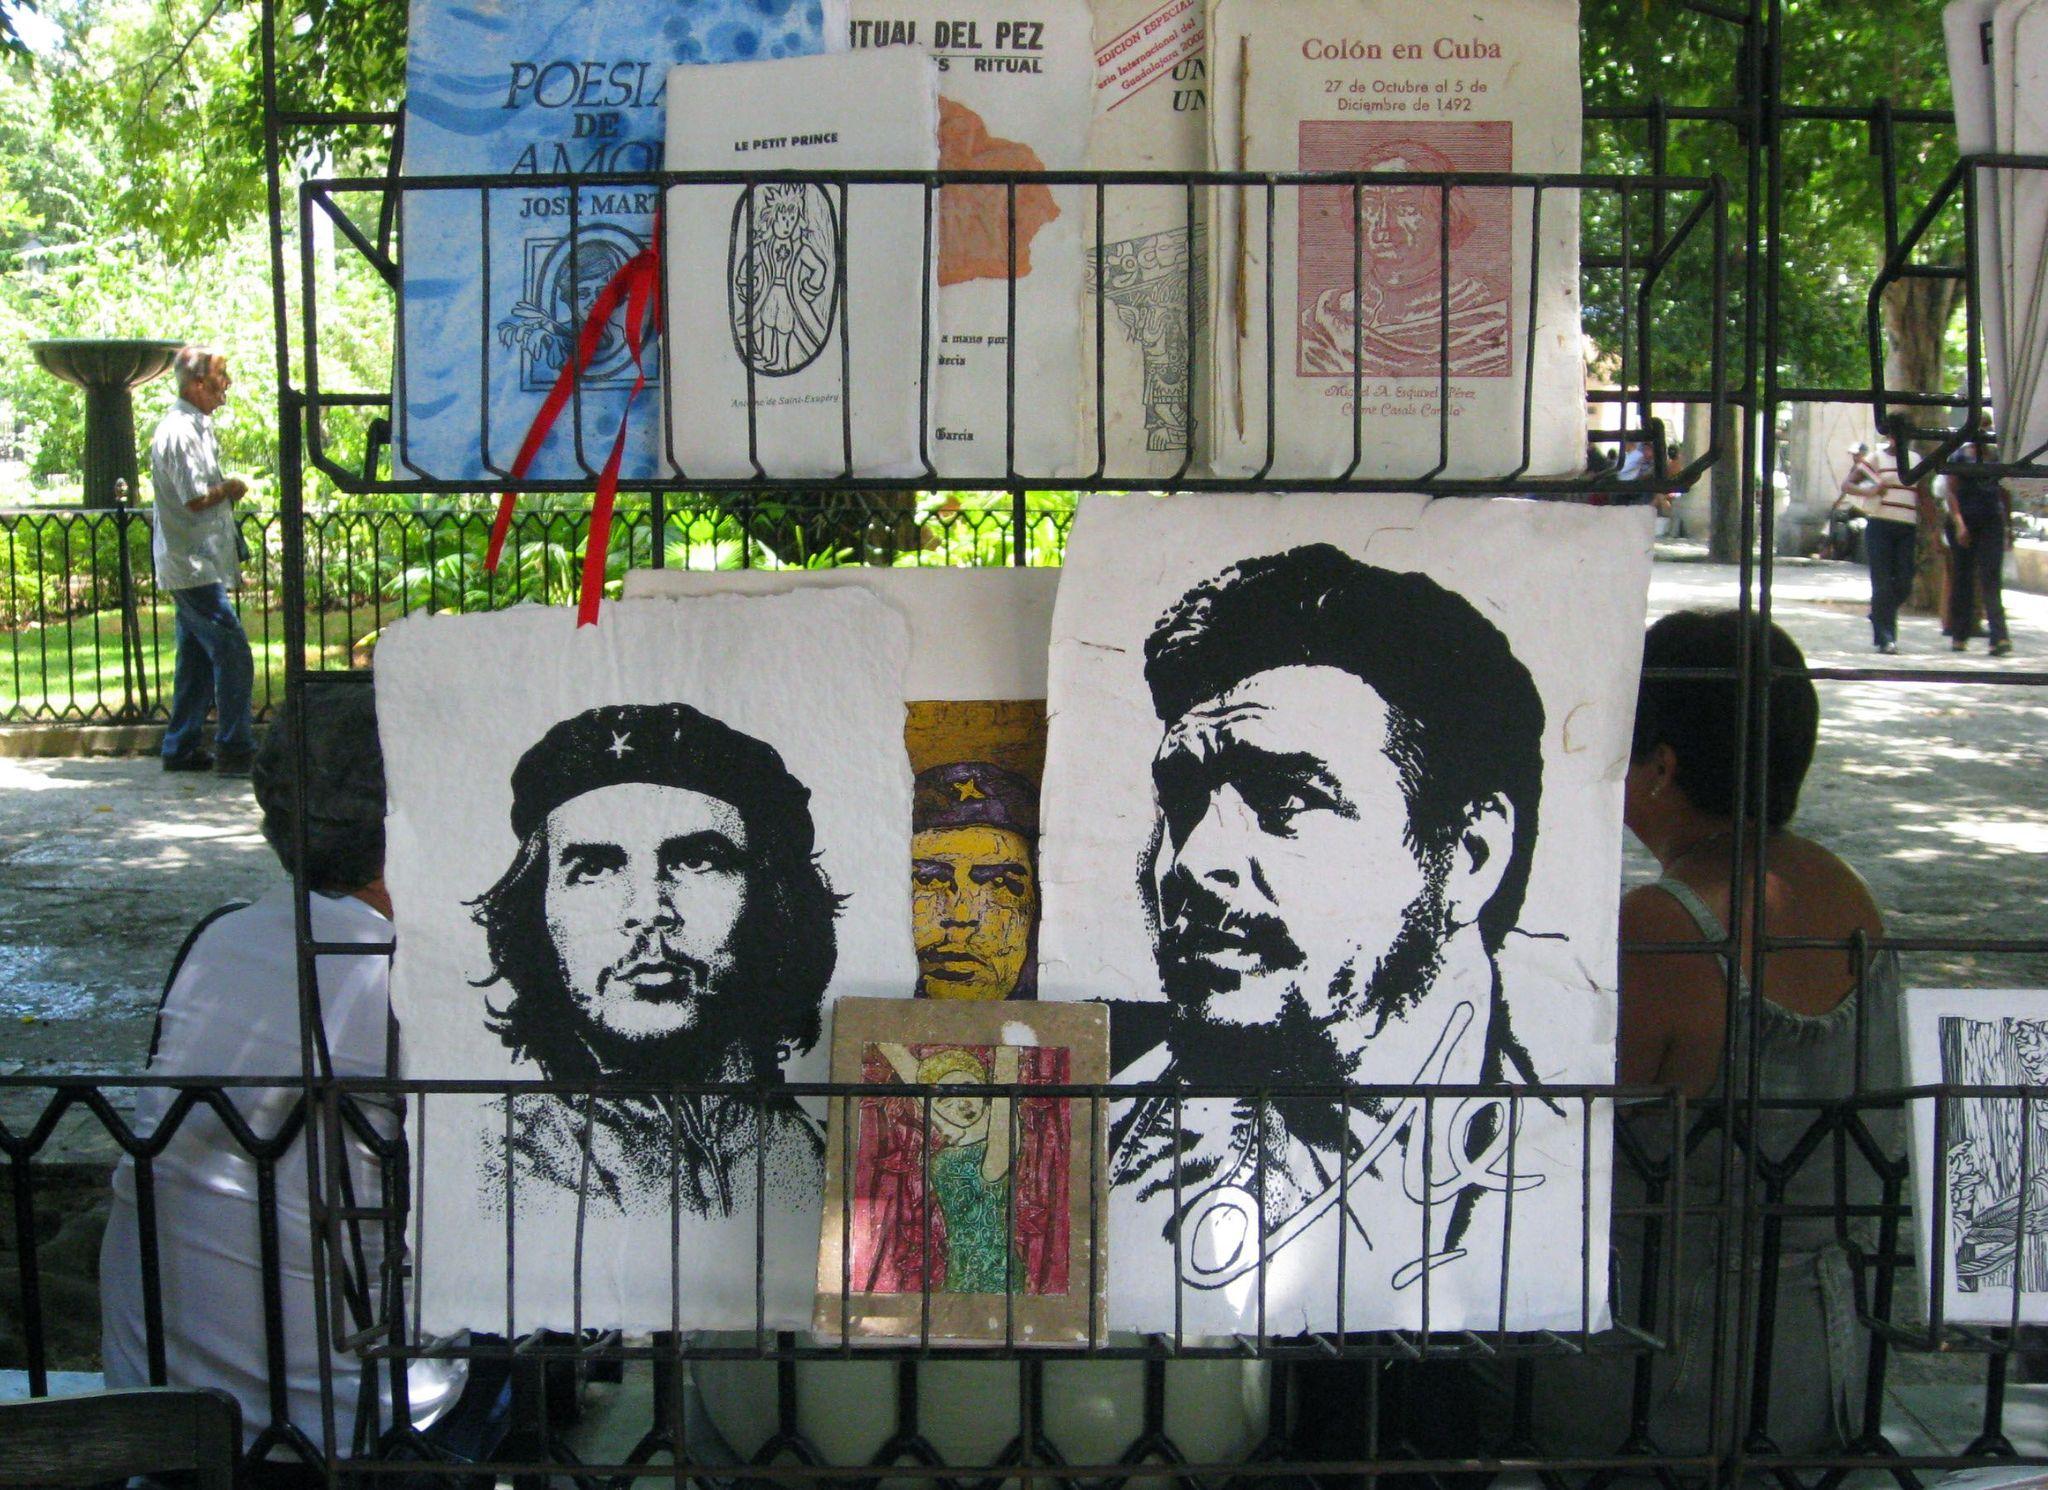 Retratos del 'Che' Guevara (izq.) y Fidel Castro en una plaza de La Habana.